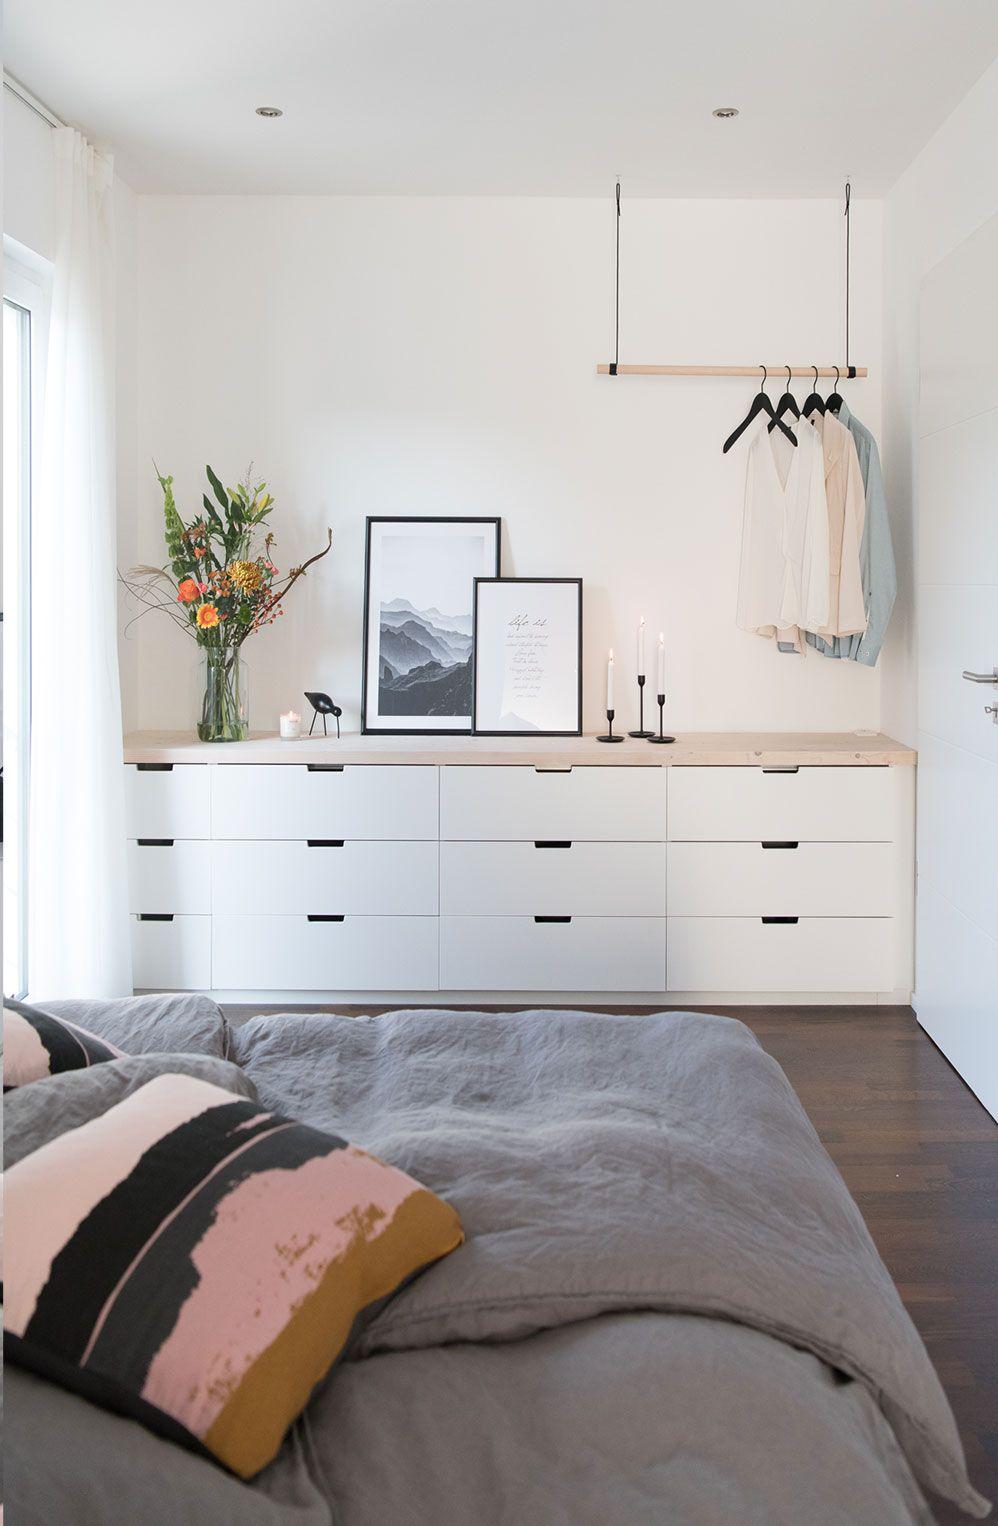 Schlafzimmer Mit Ikea Nordli Diy Schlafzimmer Inspirationen